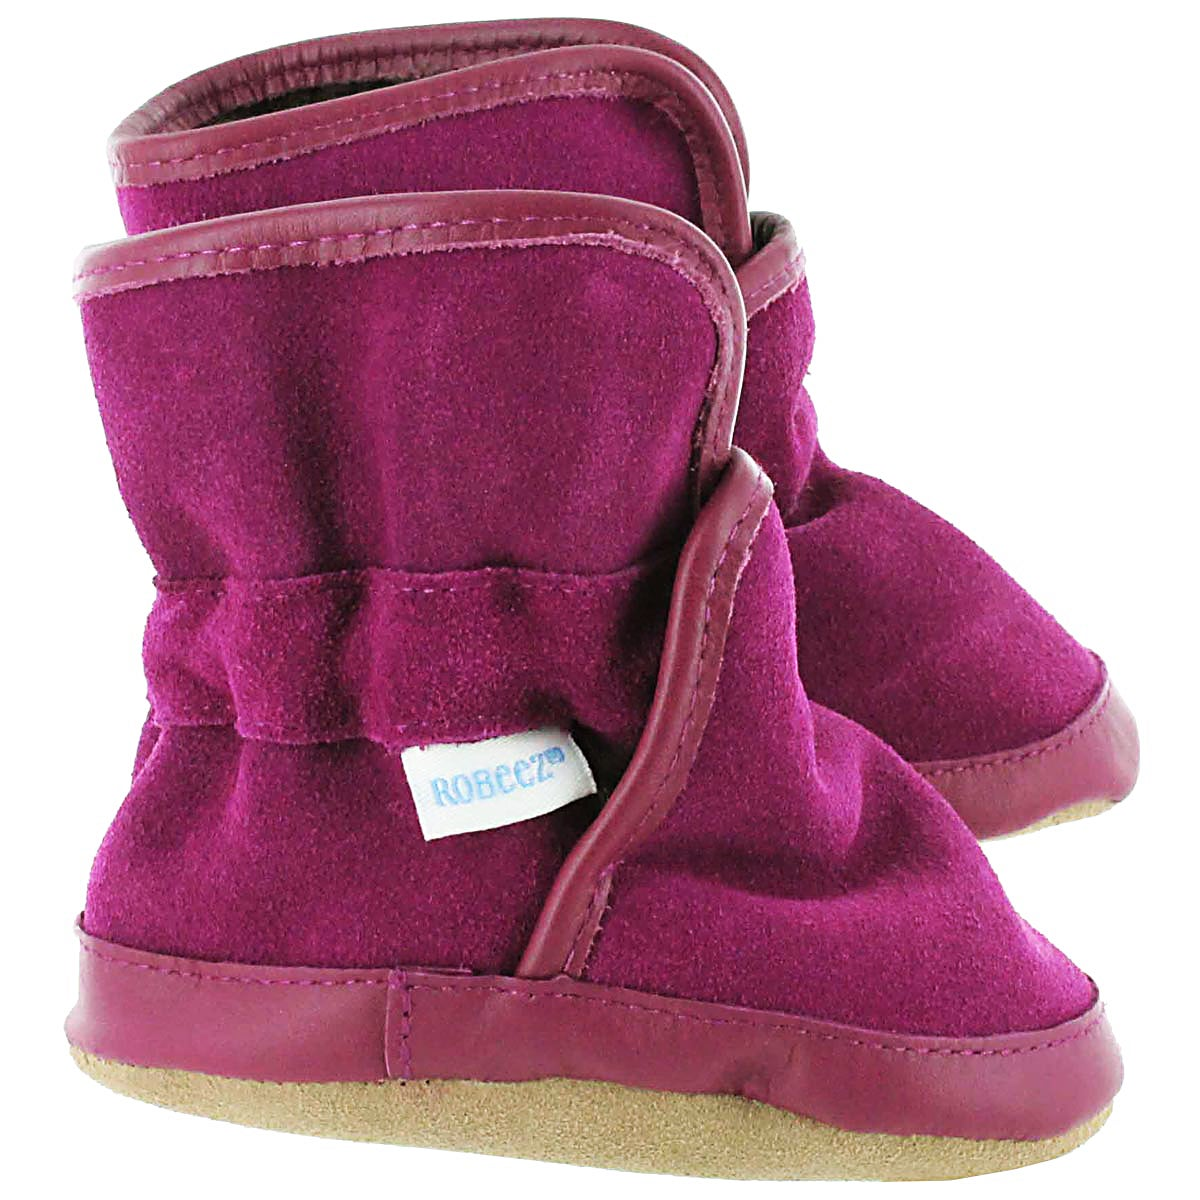 Chausson Cozy Ankle Bootie, gelée, bébés